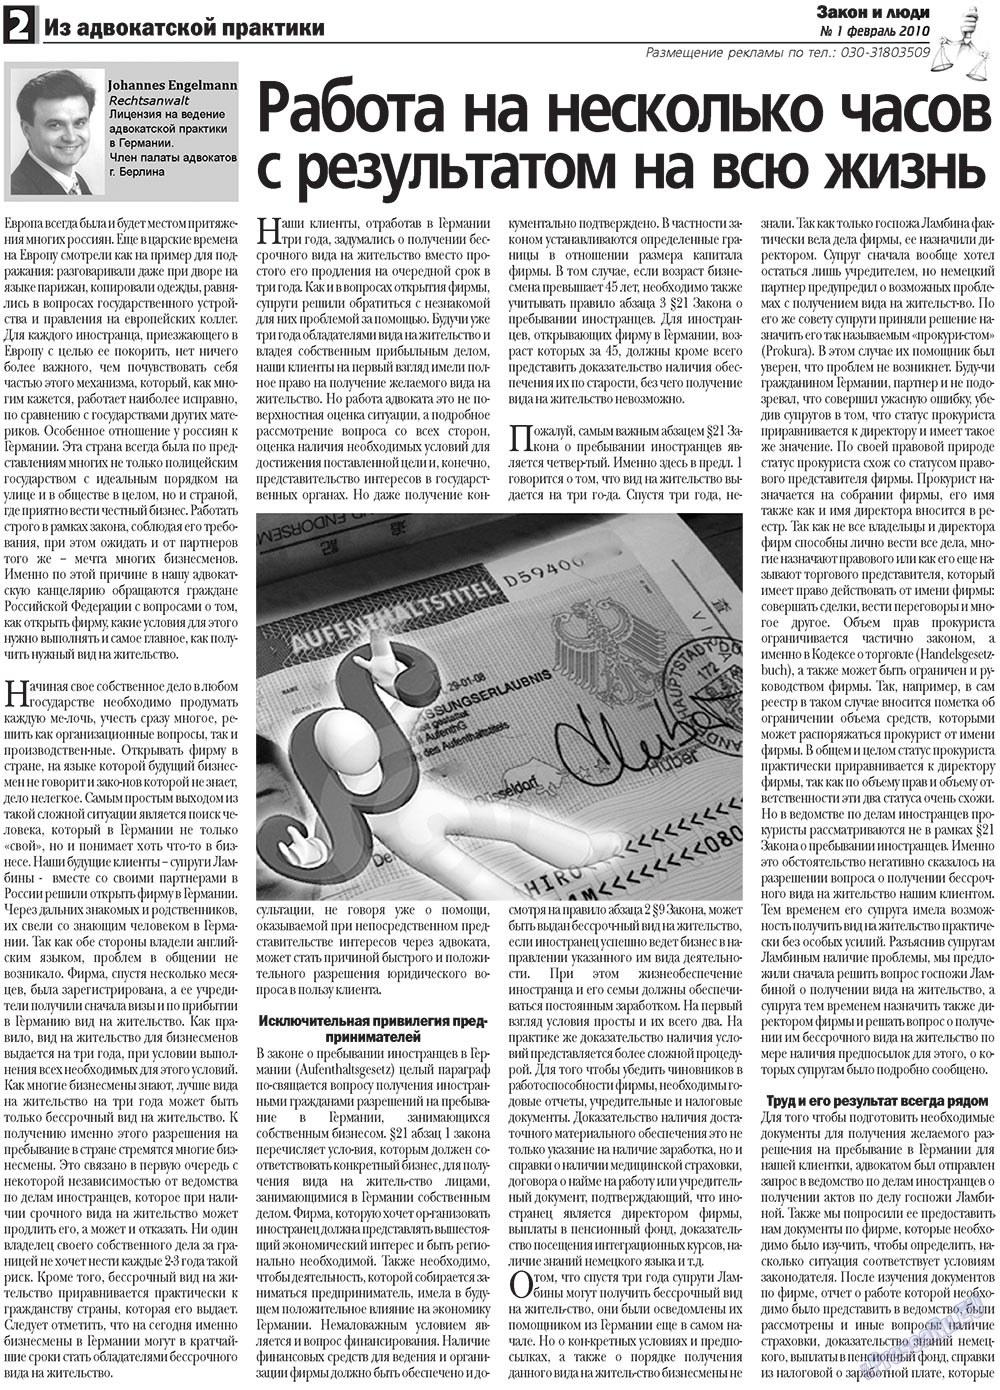 Закон и люди (газета). 2010 год, номер 1, стр. 2